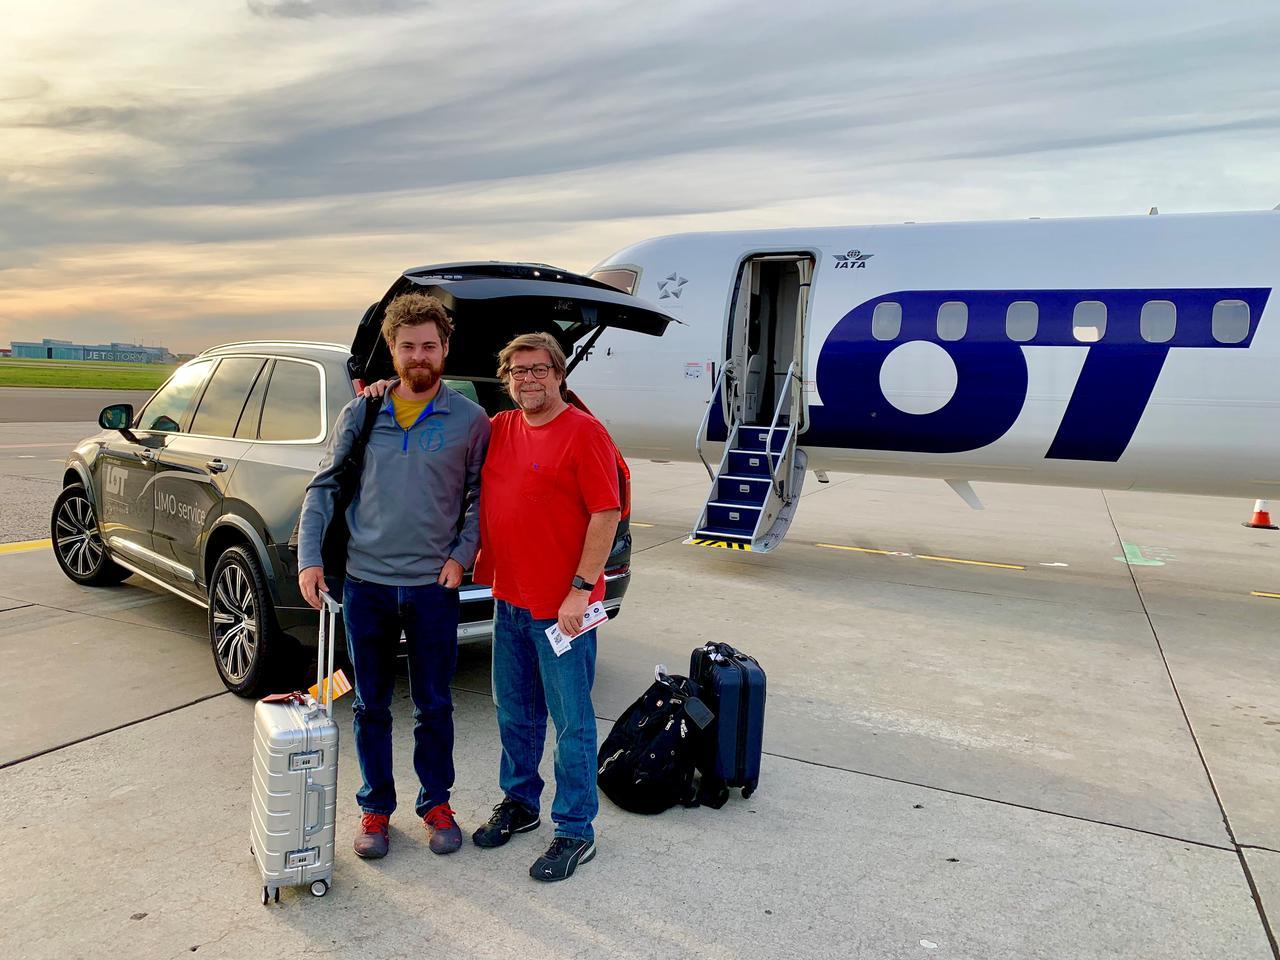 Wolfgang Gößwein mit Sohn (und Mitarbeiter) auf dem Weg von Warschau nach Nürnberg.